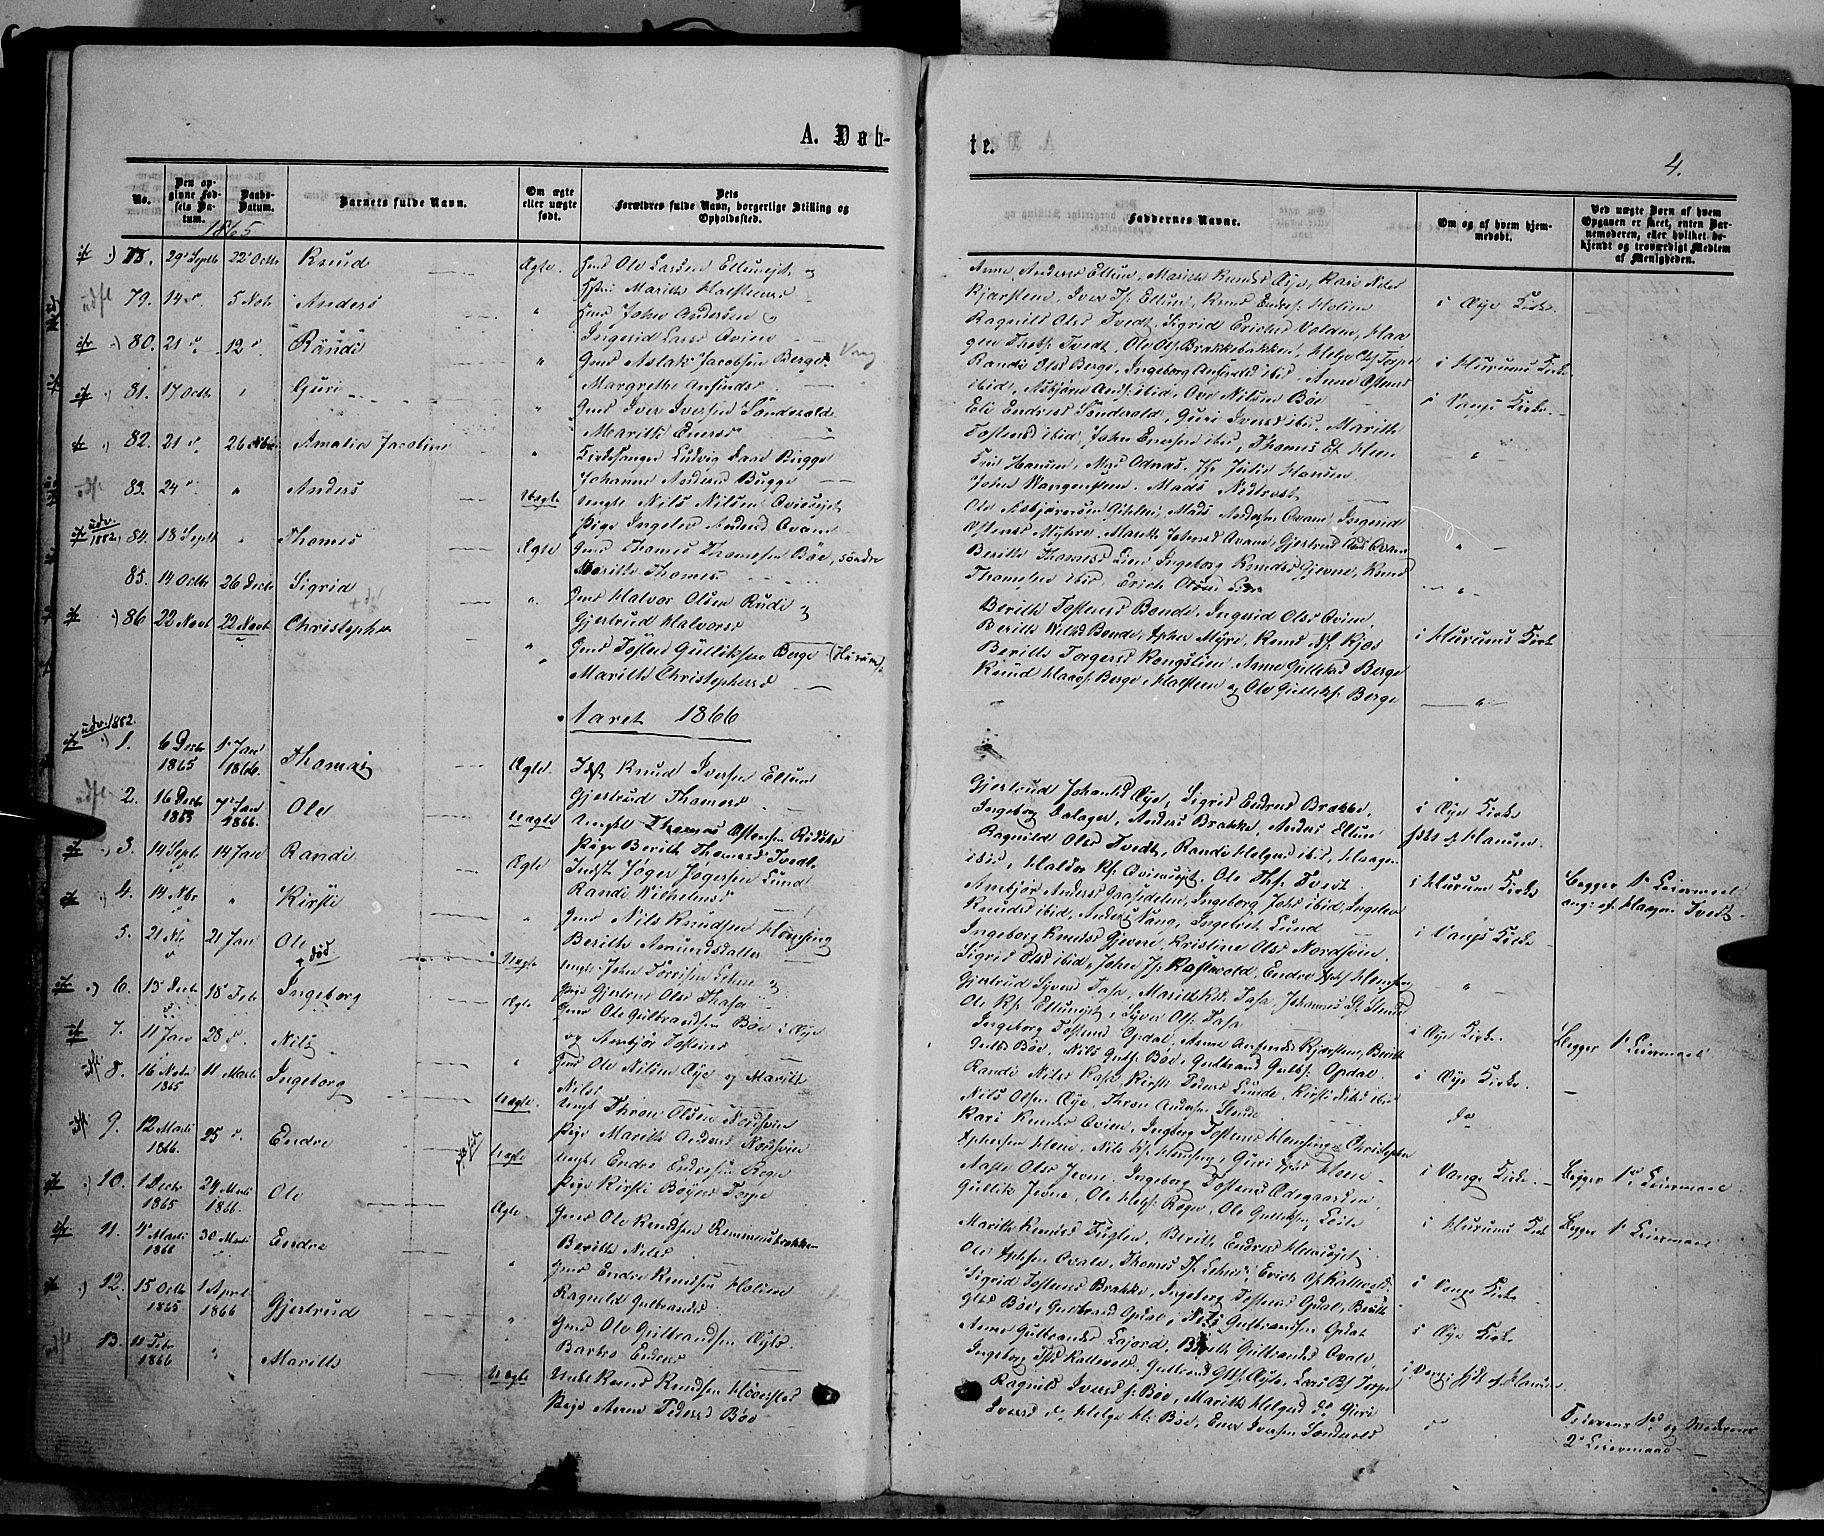 SAH, Vang prestekontor, Valdres, Ministerialbok nr. 7, 1865-1881, s. 4